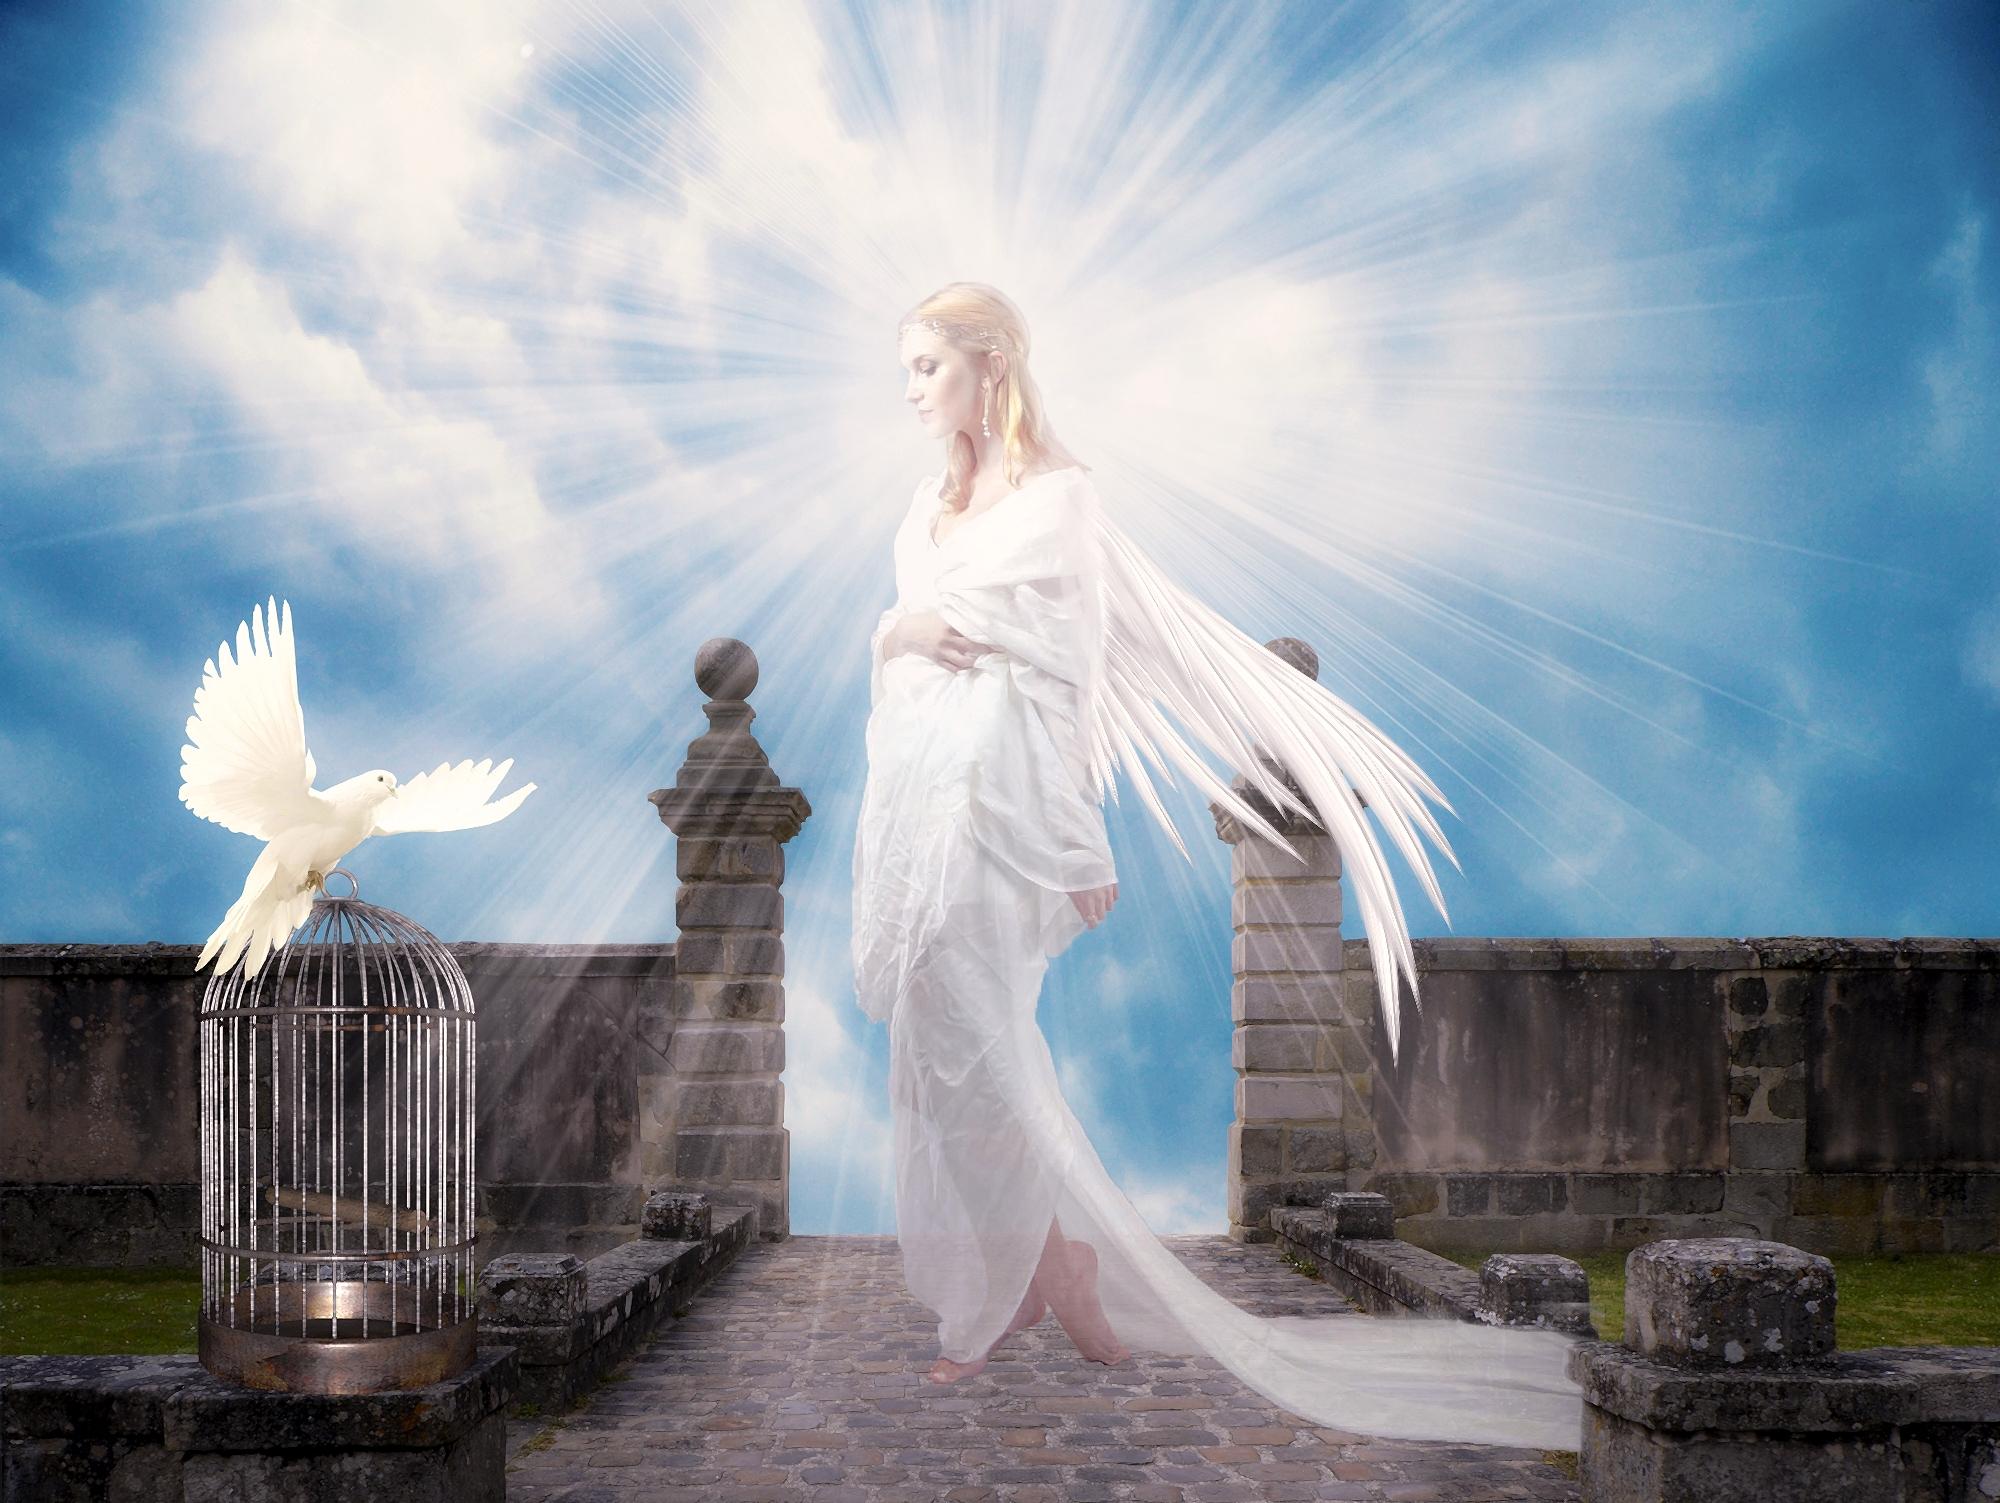 очень понравились картинки про ангела и желания природе